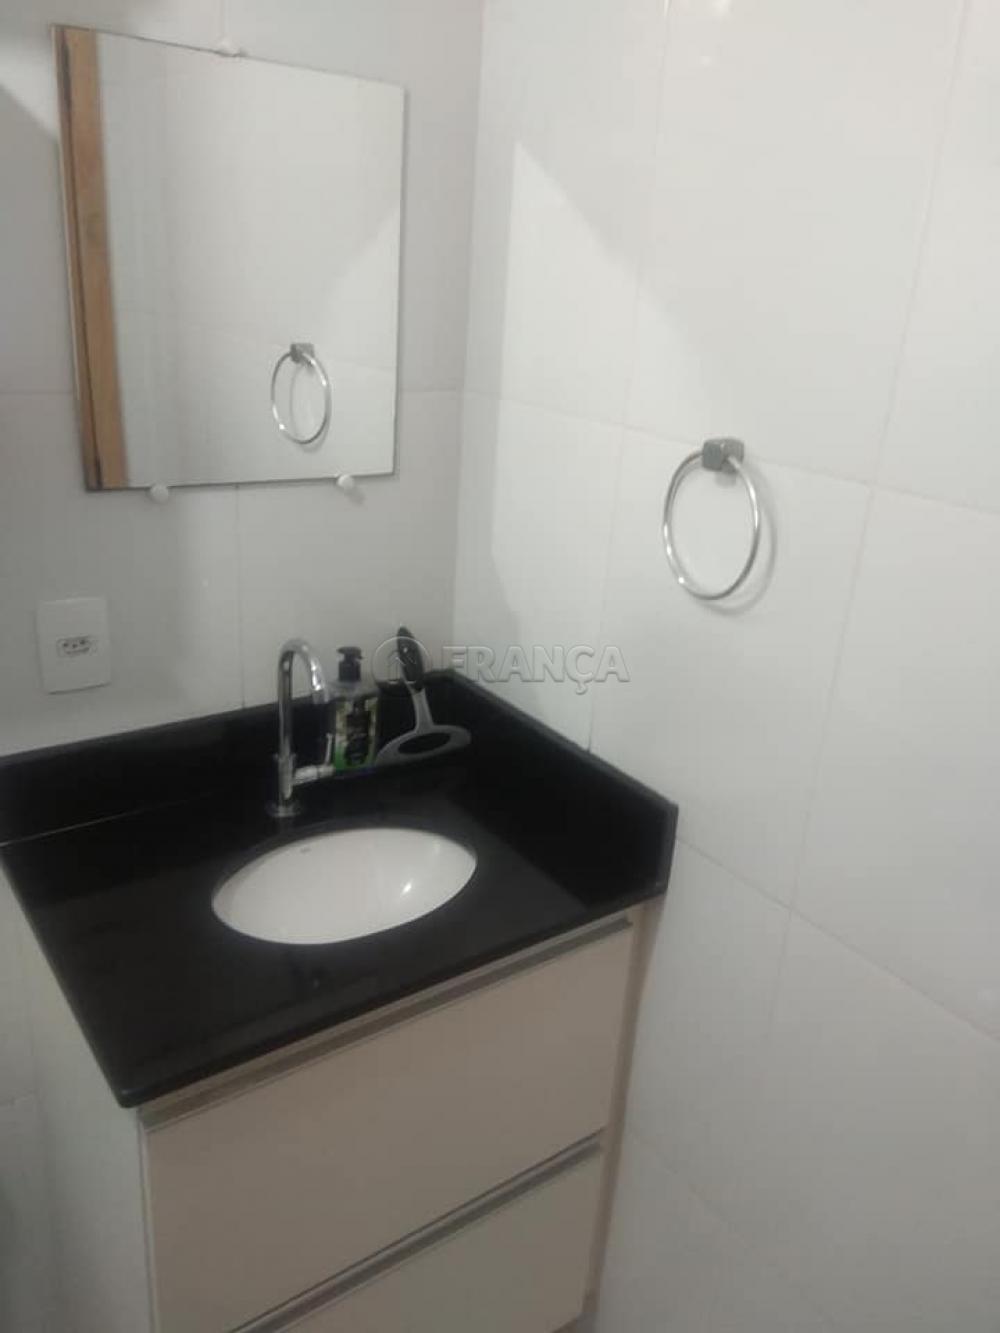 Comprar Apartamento / Padrão em São José dos Campos apenas R$ 180.000,00 - Foto 14